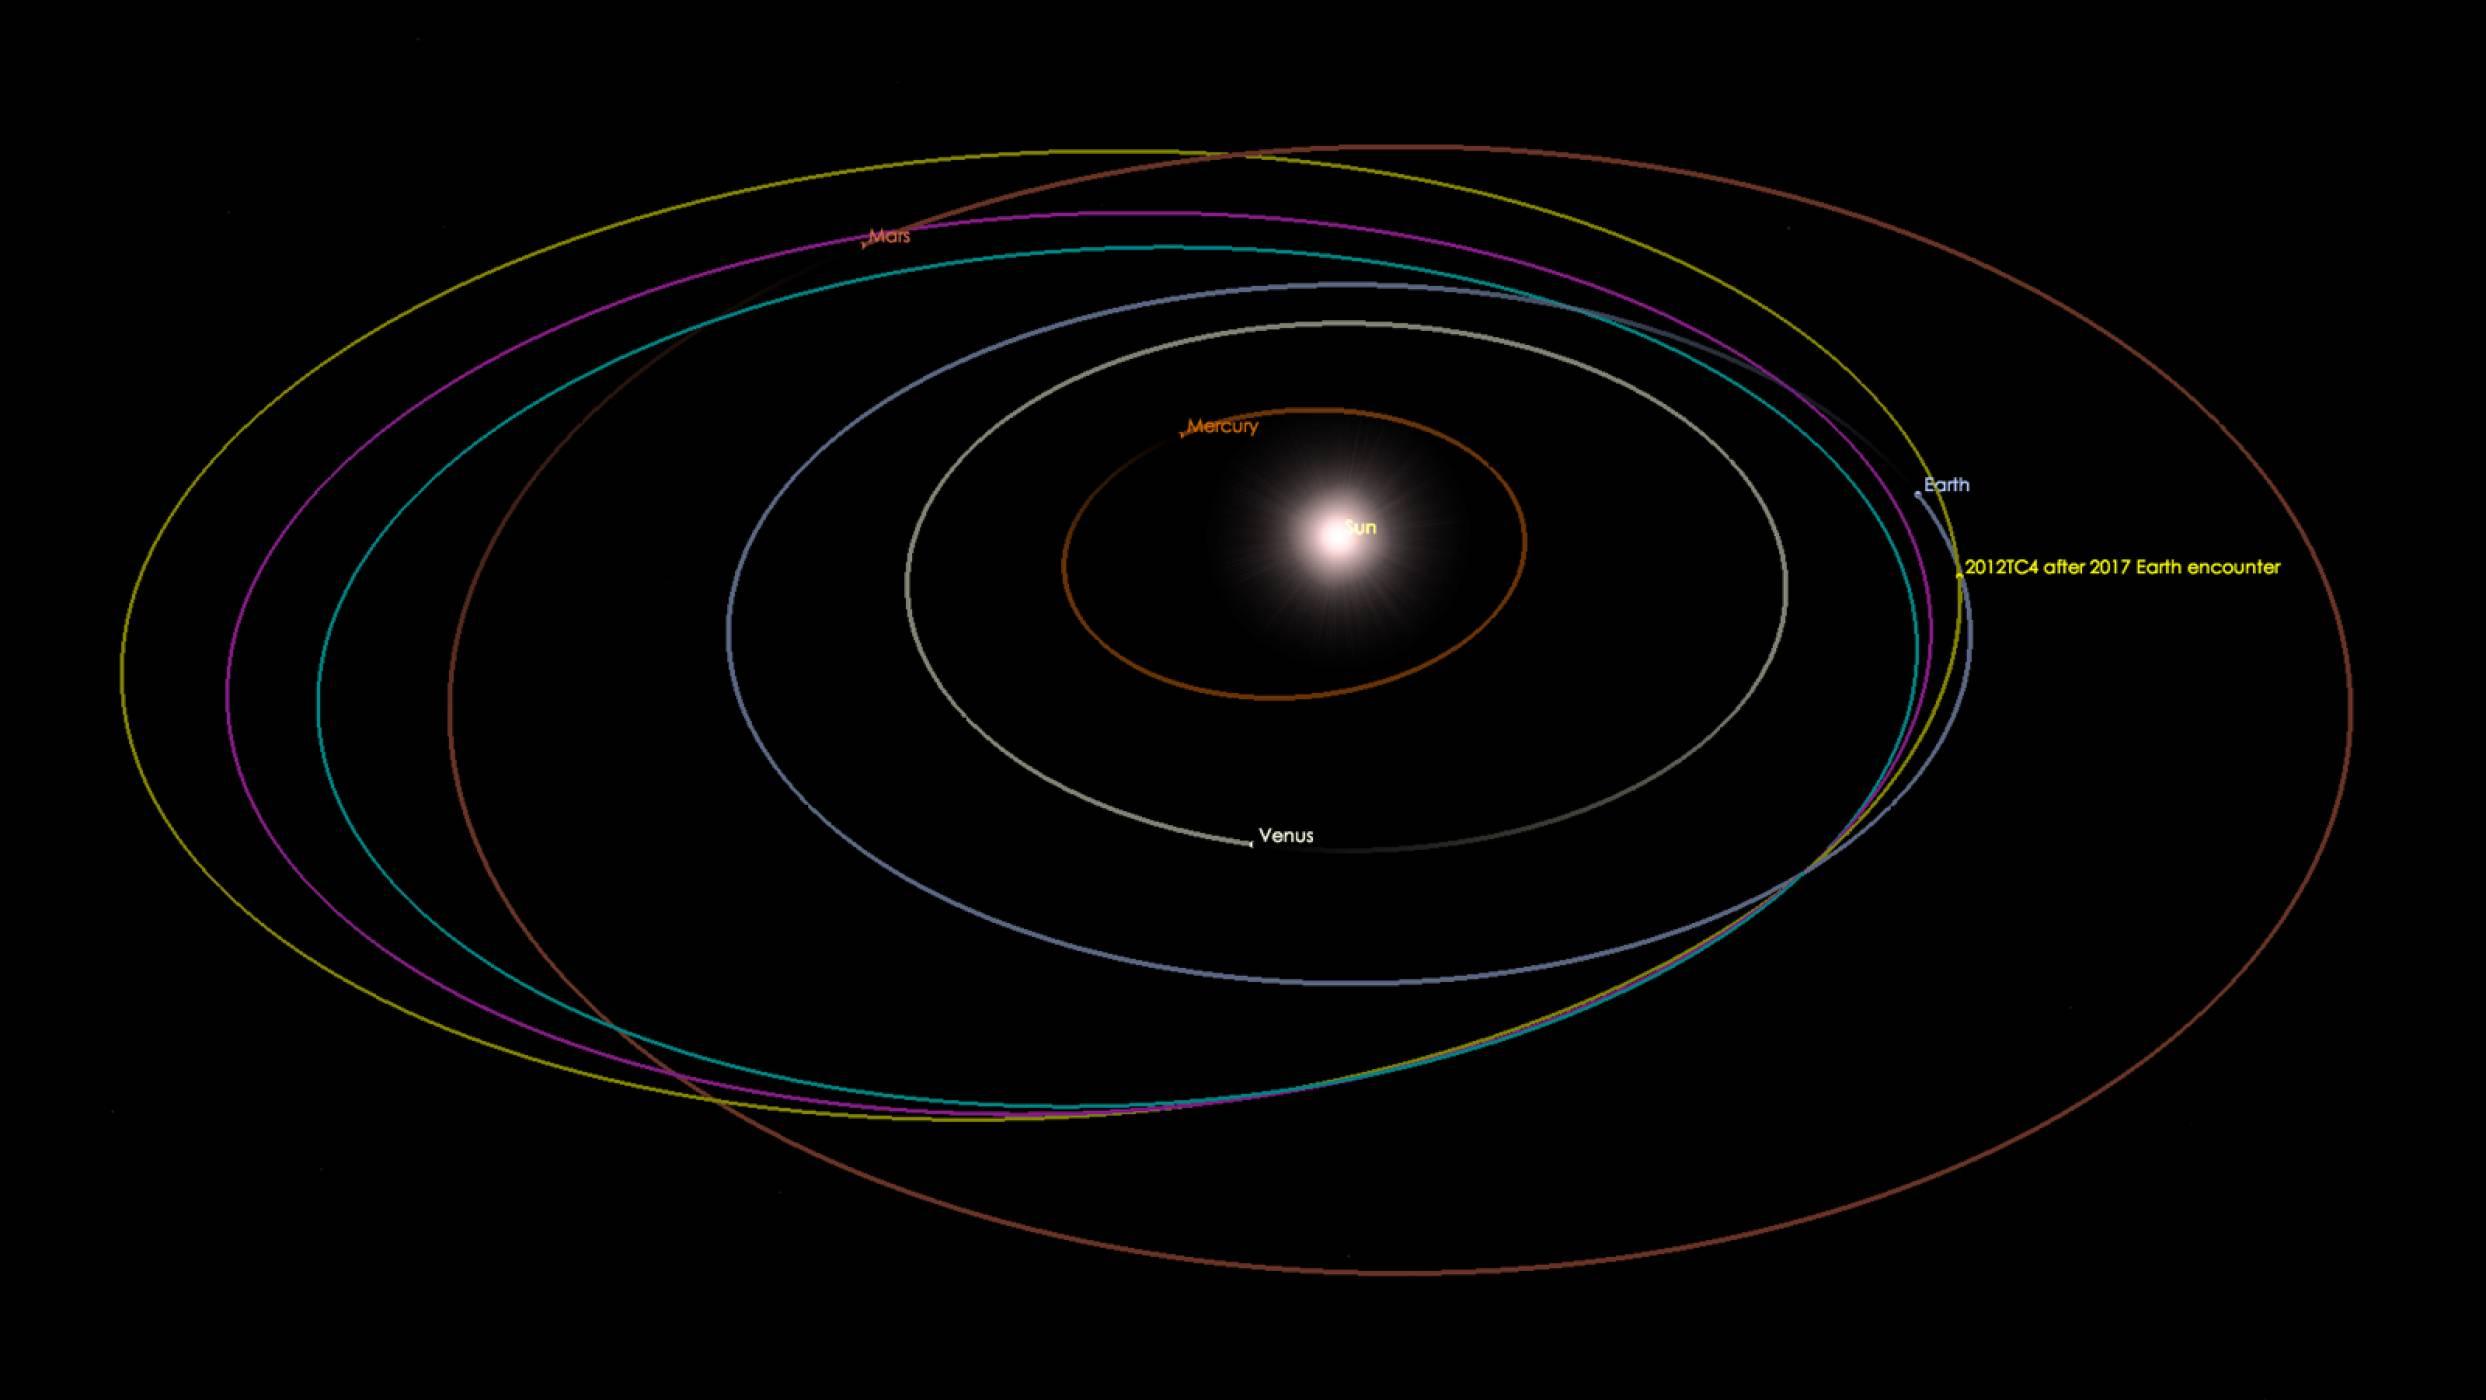 Първото международно проследяване на астероид завърши успешно